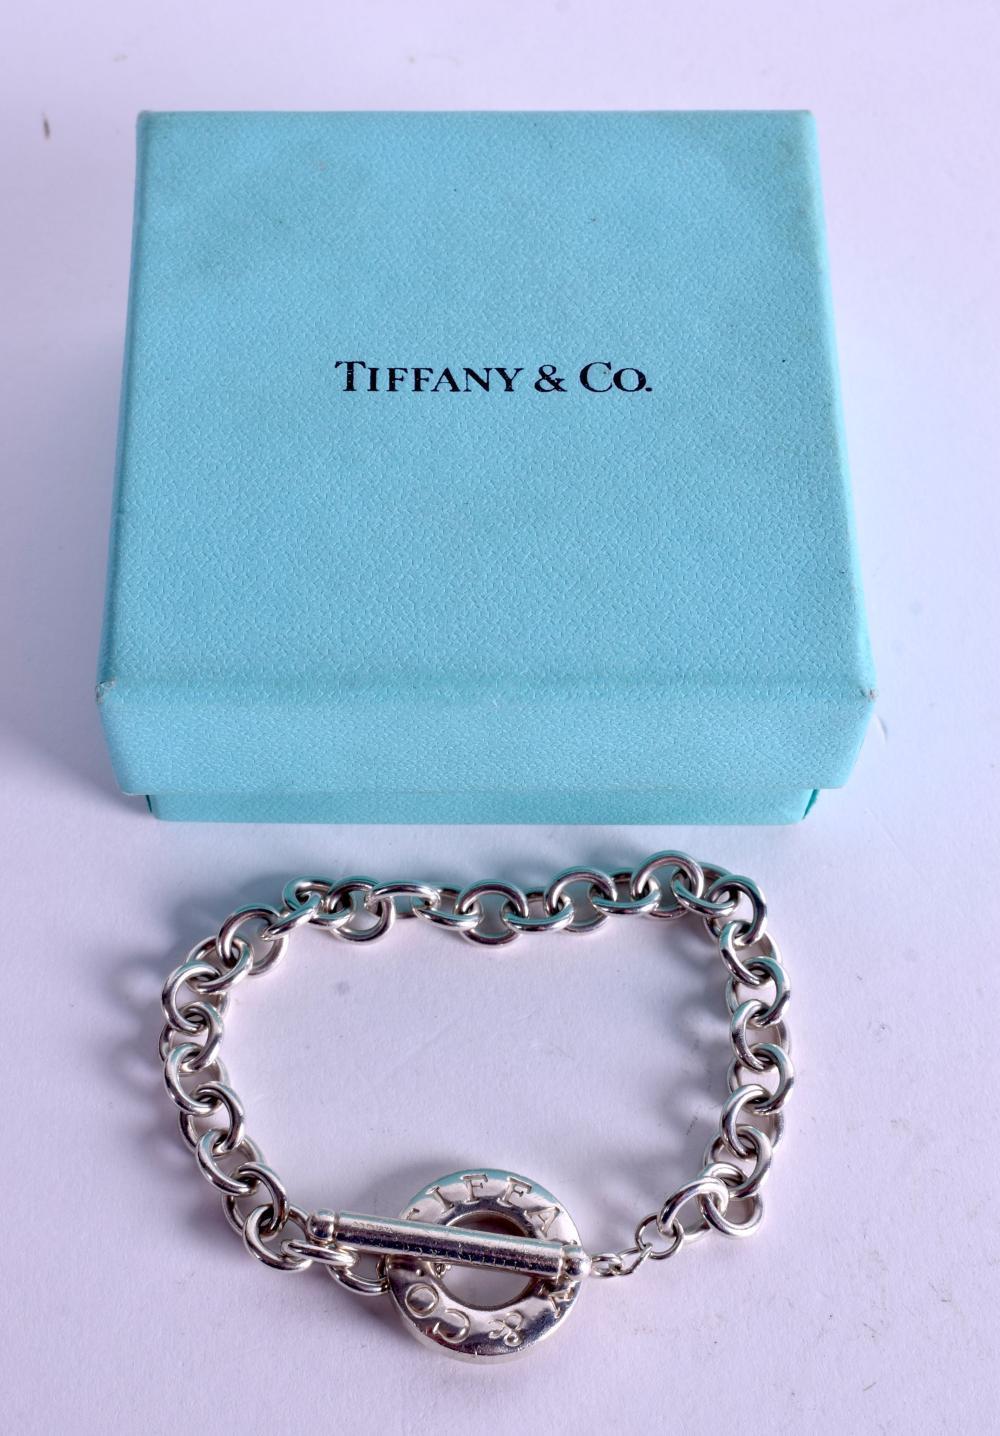 988890af9 Tiffany & Co. Bracelet Sale | Gold Tiffany Bracelet & Tiffany Bangle ...